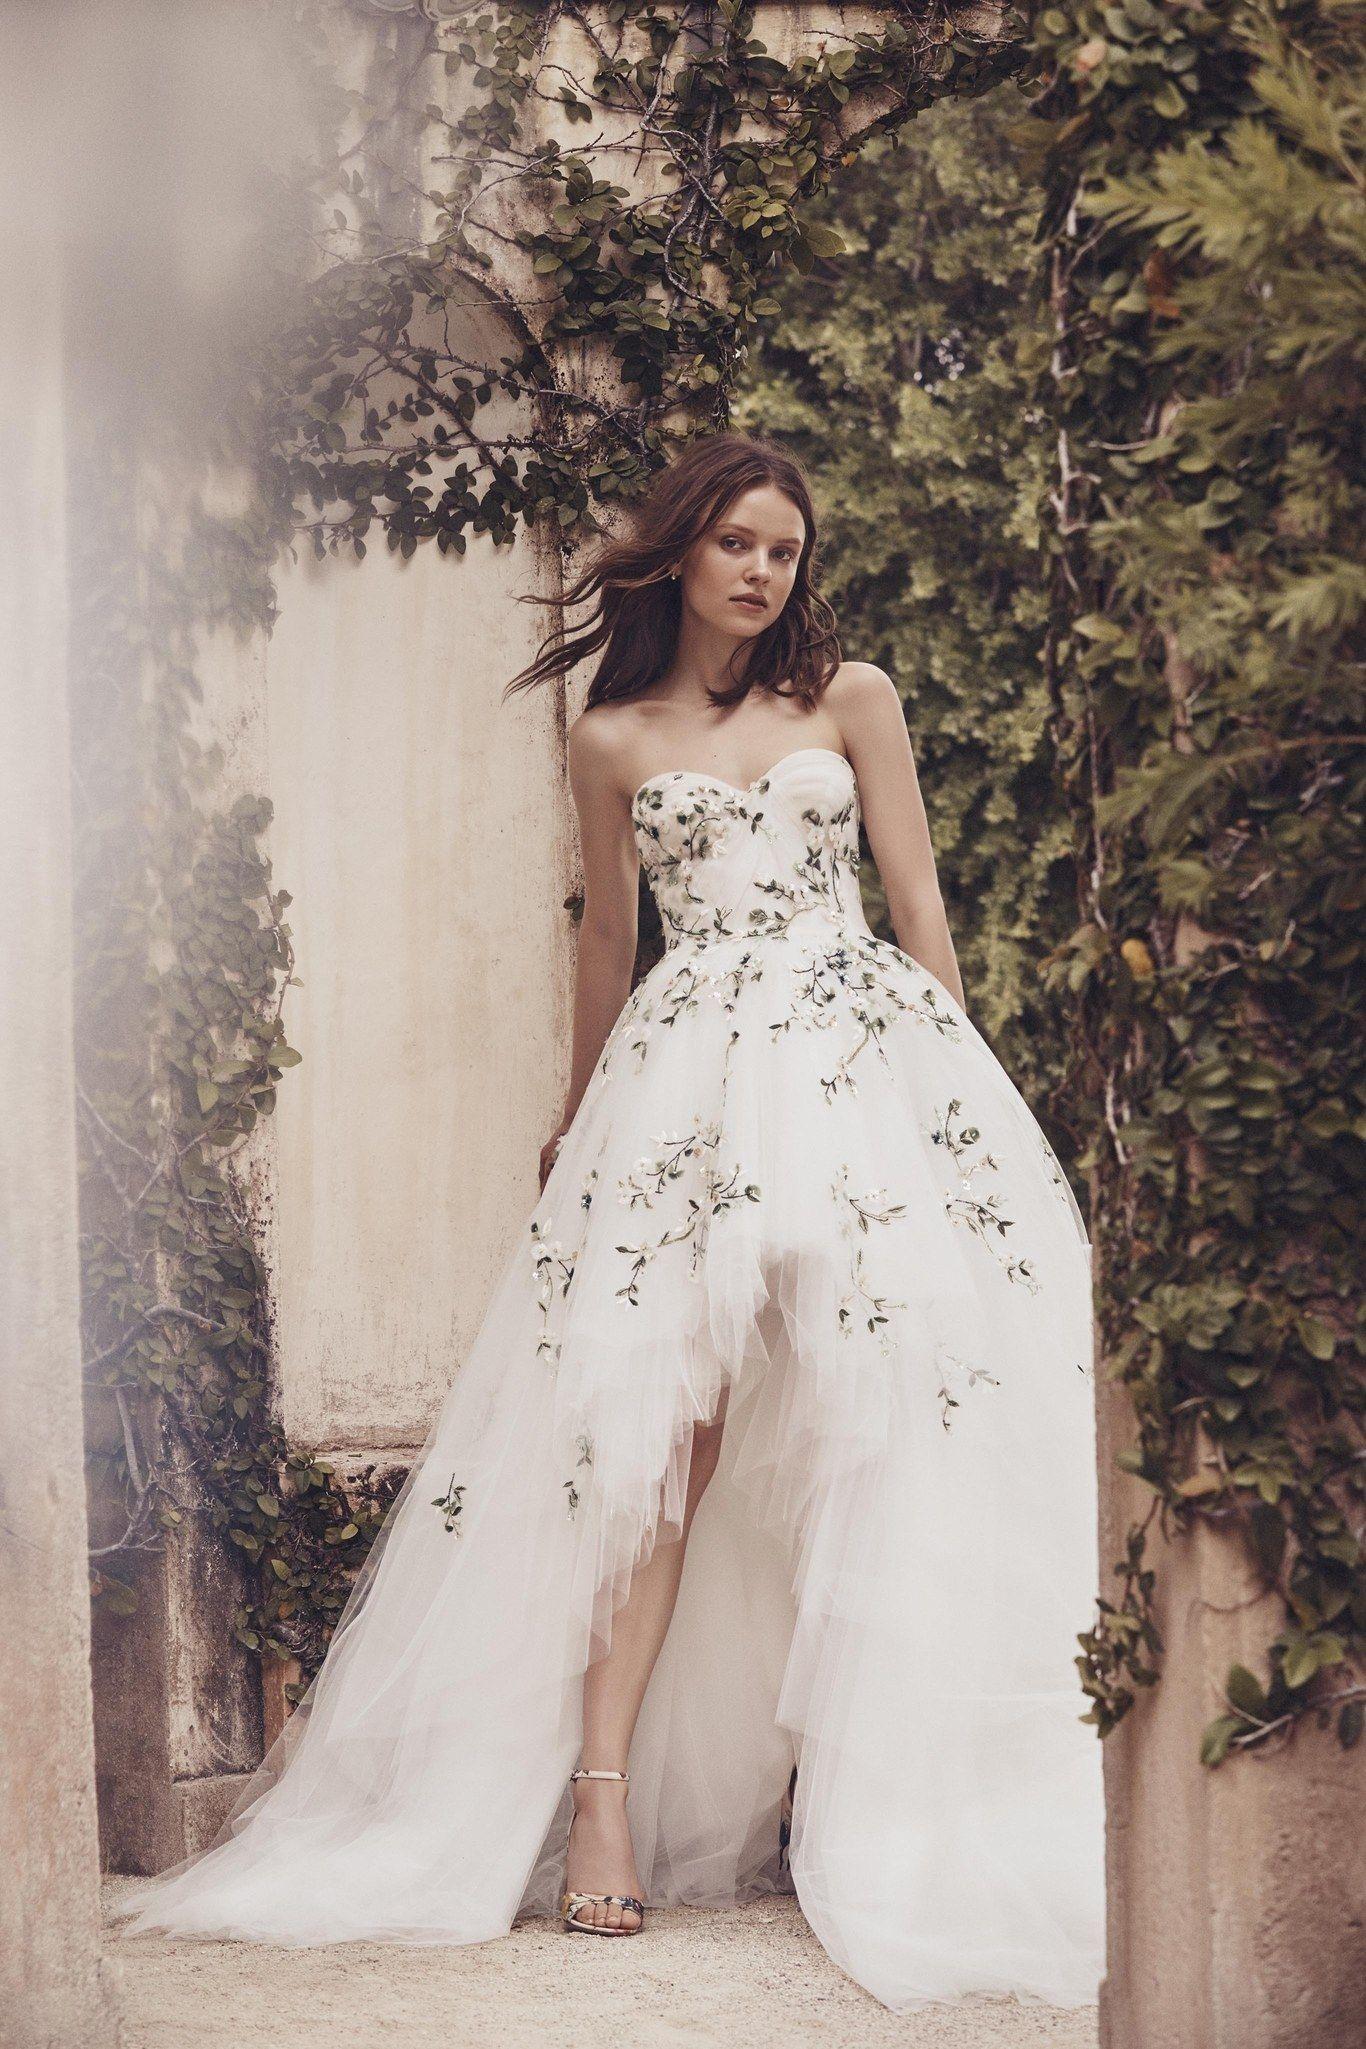 Monique Lhuillier Frühjahr/Sommer 13 Bridal - Fashion Shows